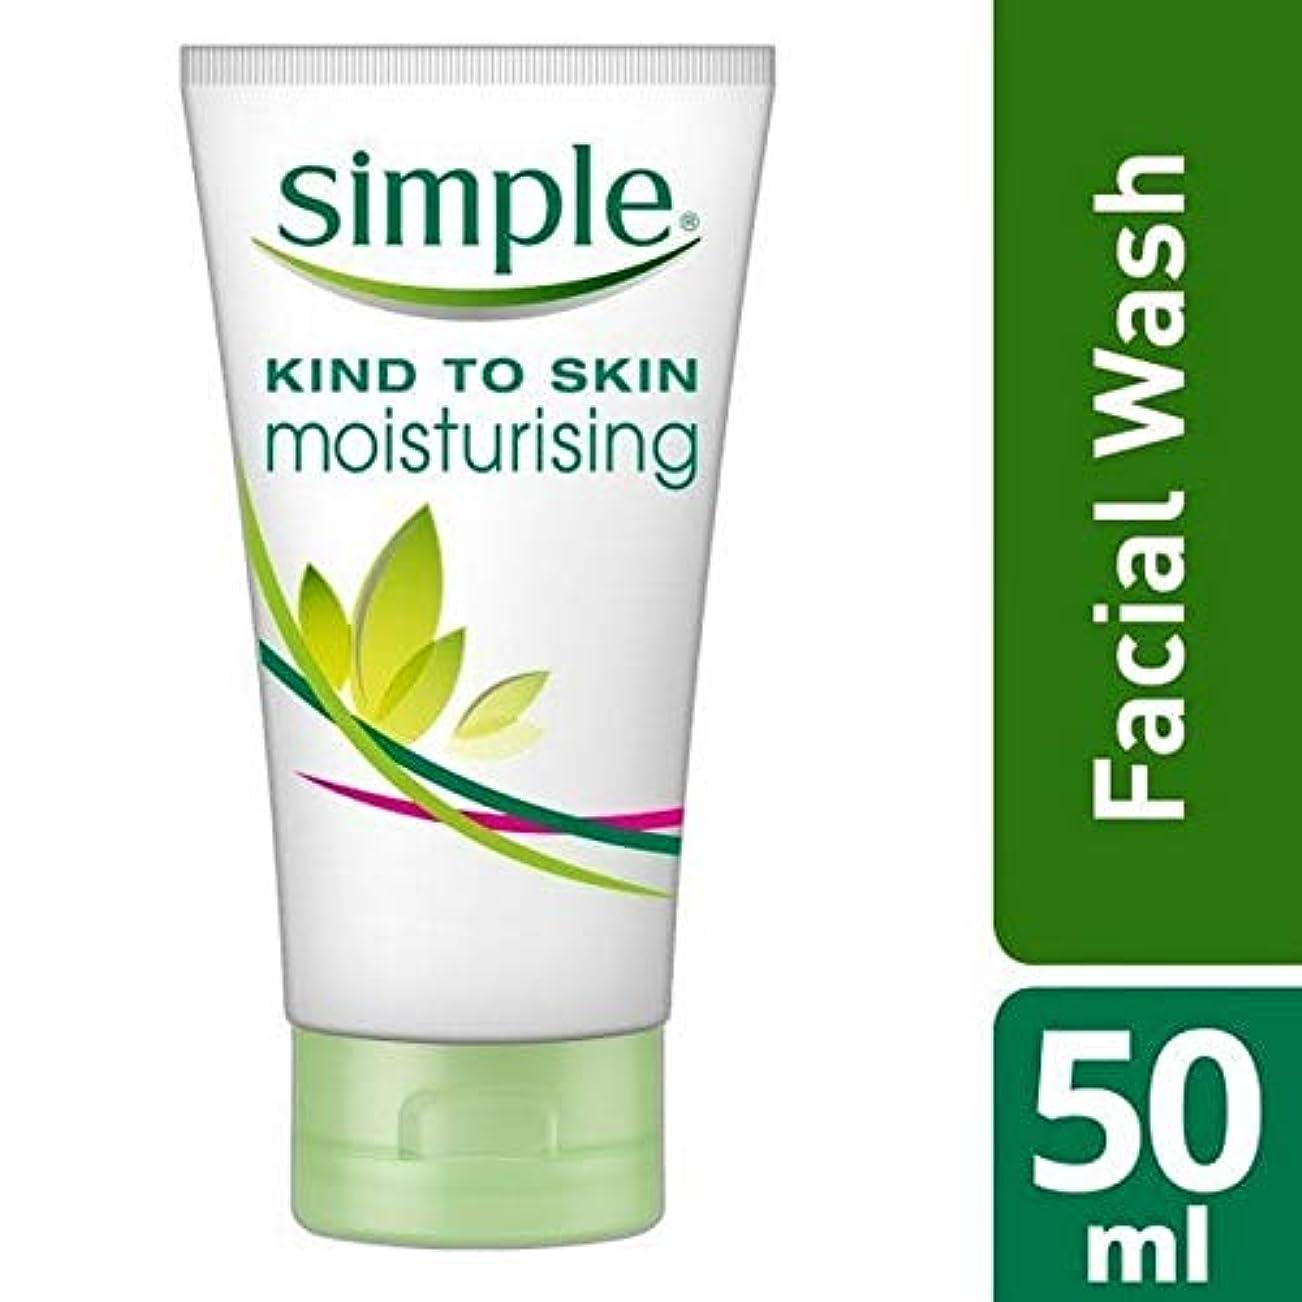 解決する減るトレイ[Simple ] 洗顔50ミリリットルを保湿肌への単純な種類 - Simple Kind To Skin Moisturising Facial Wash 50ml [並行輸入品]